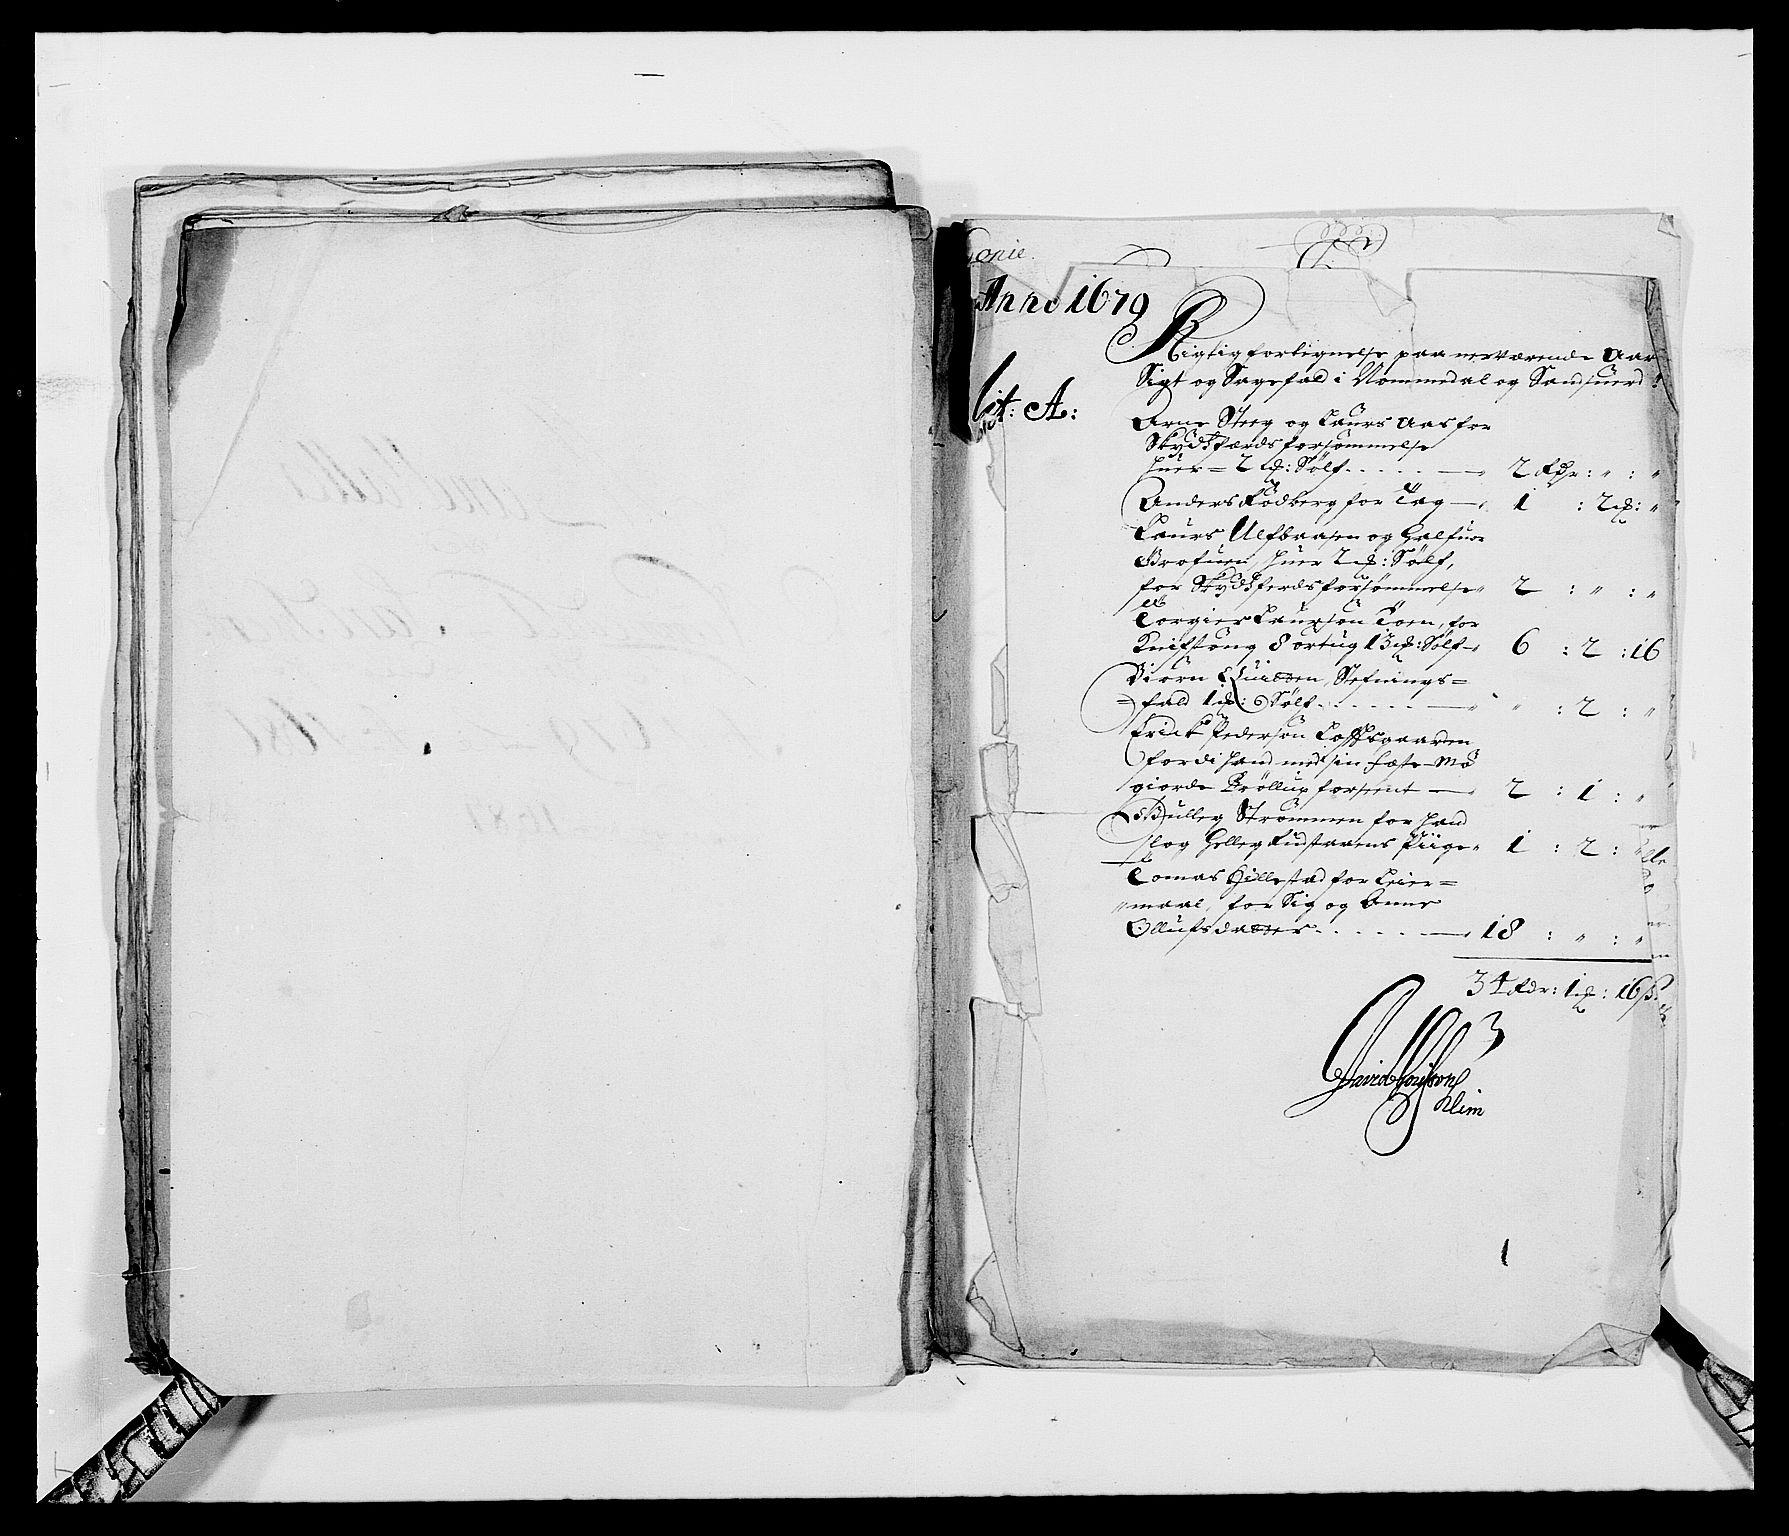 RA, Rentekammeret inntil 1814, Reviderte regnskaper, Fogderegnskap, R24/L1569: Fogderegnskap Numedal og Sandsvær, 1679-1686, s. 93